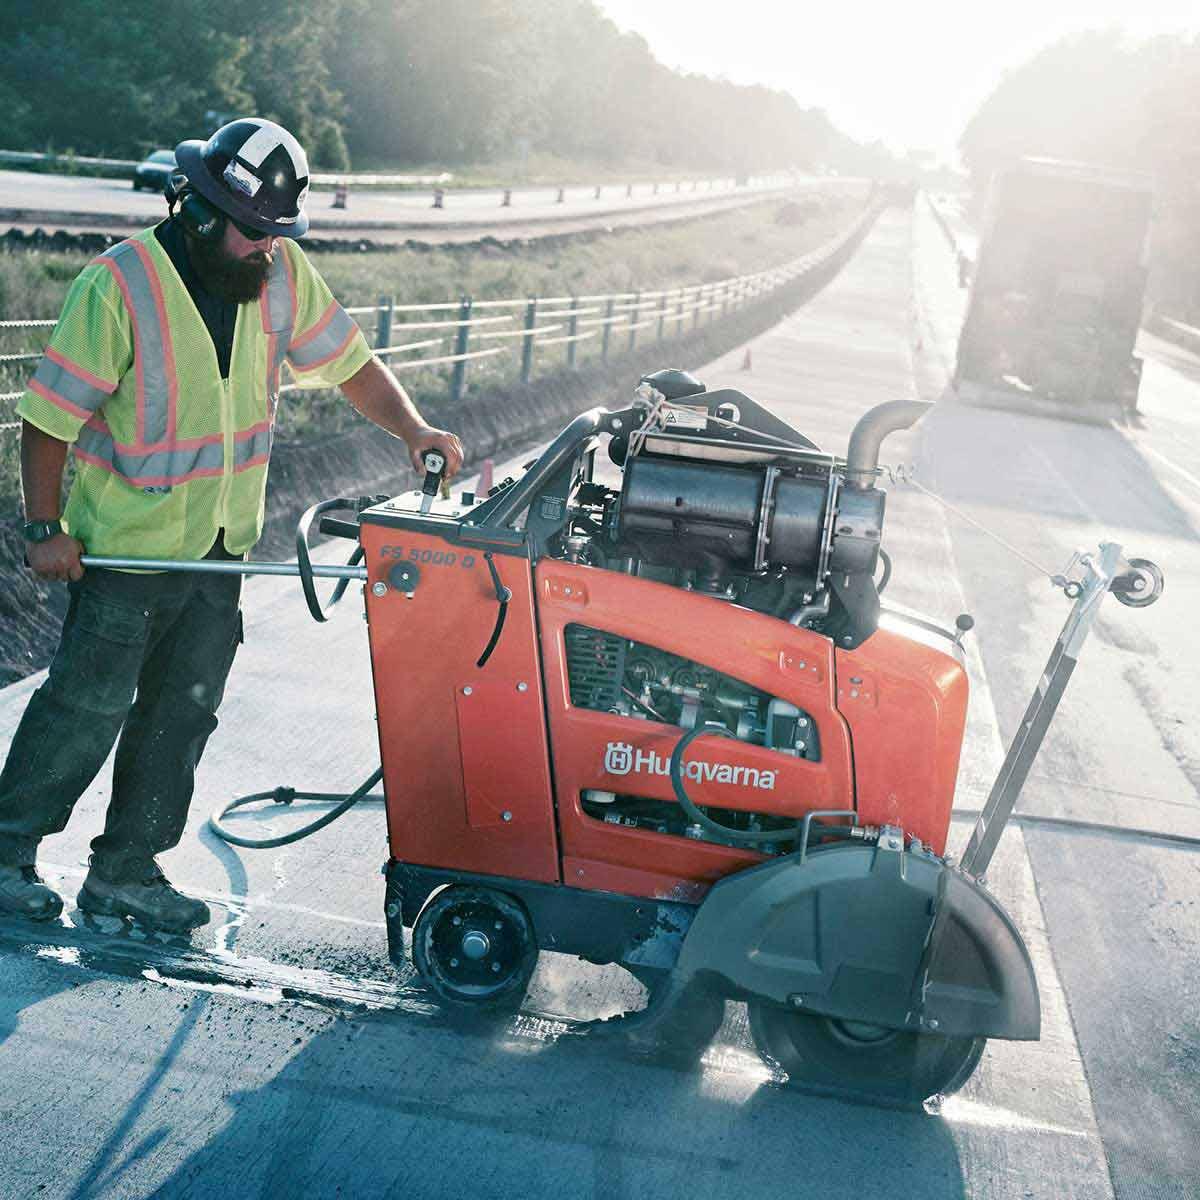 Husqvarna FS 5000 D road work